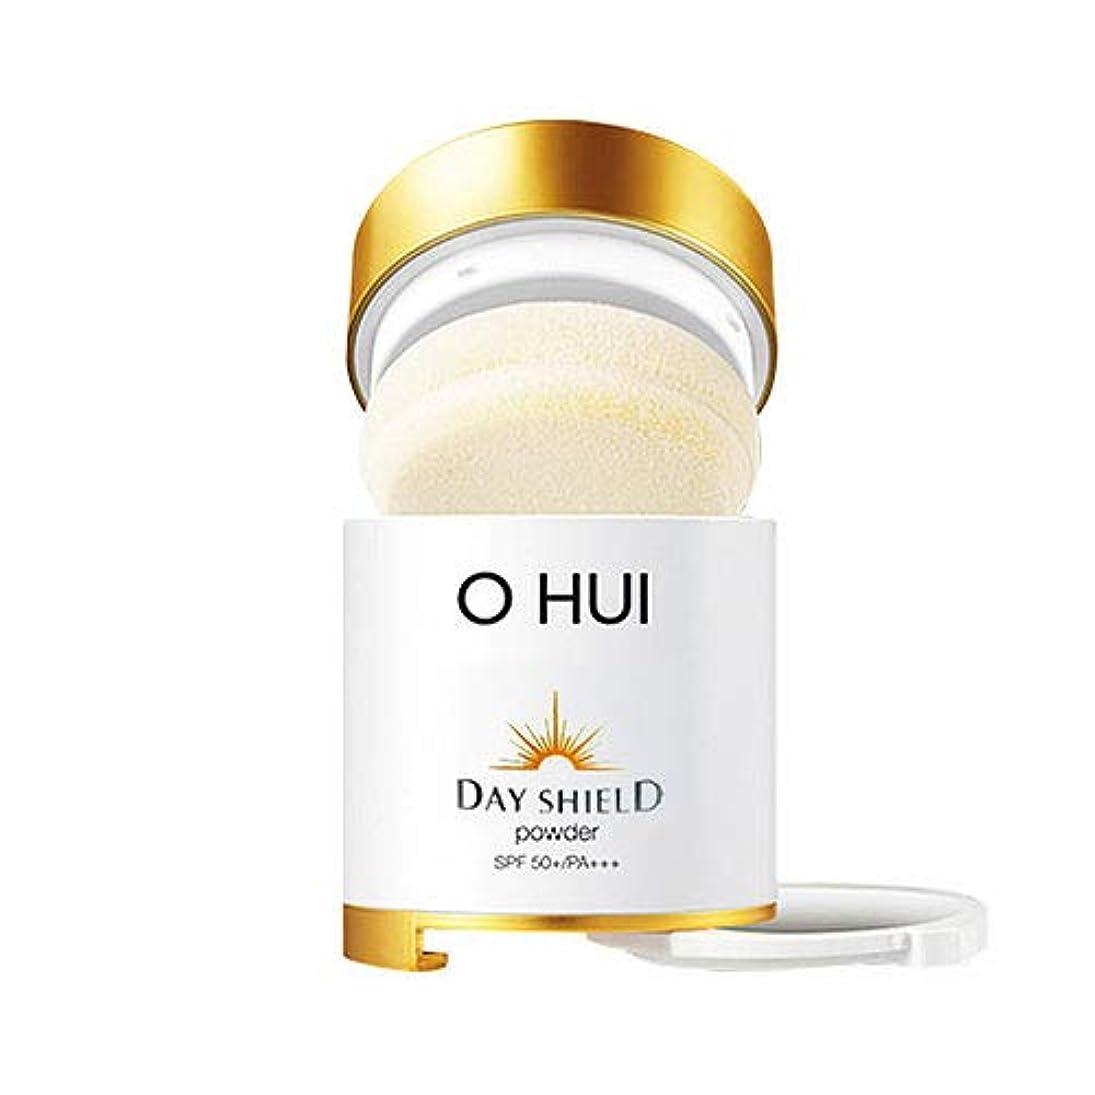 従事する汚染する造船オフィ デイシールドサンパウダー 20g OHUI Day Shield Sun Powder (# beige) [並行輸入品]